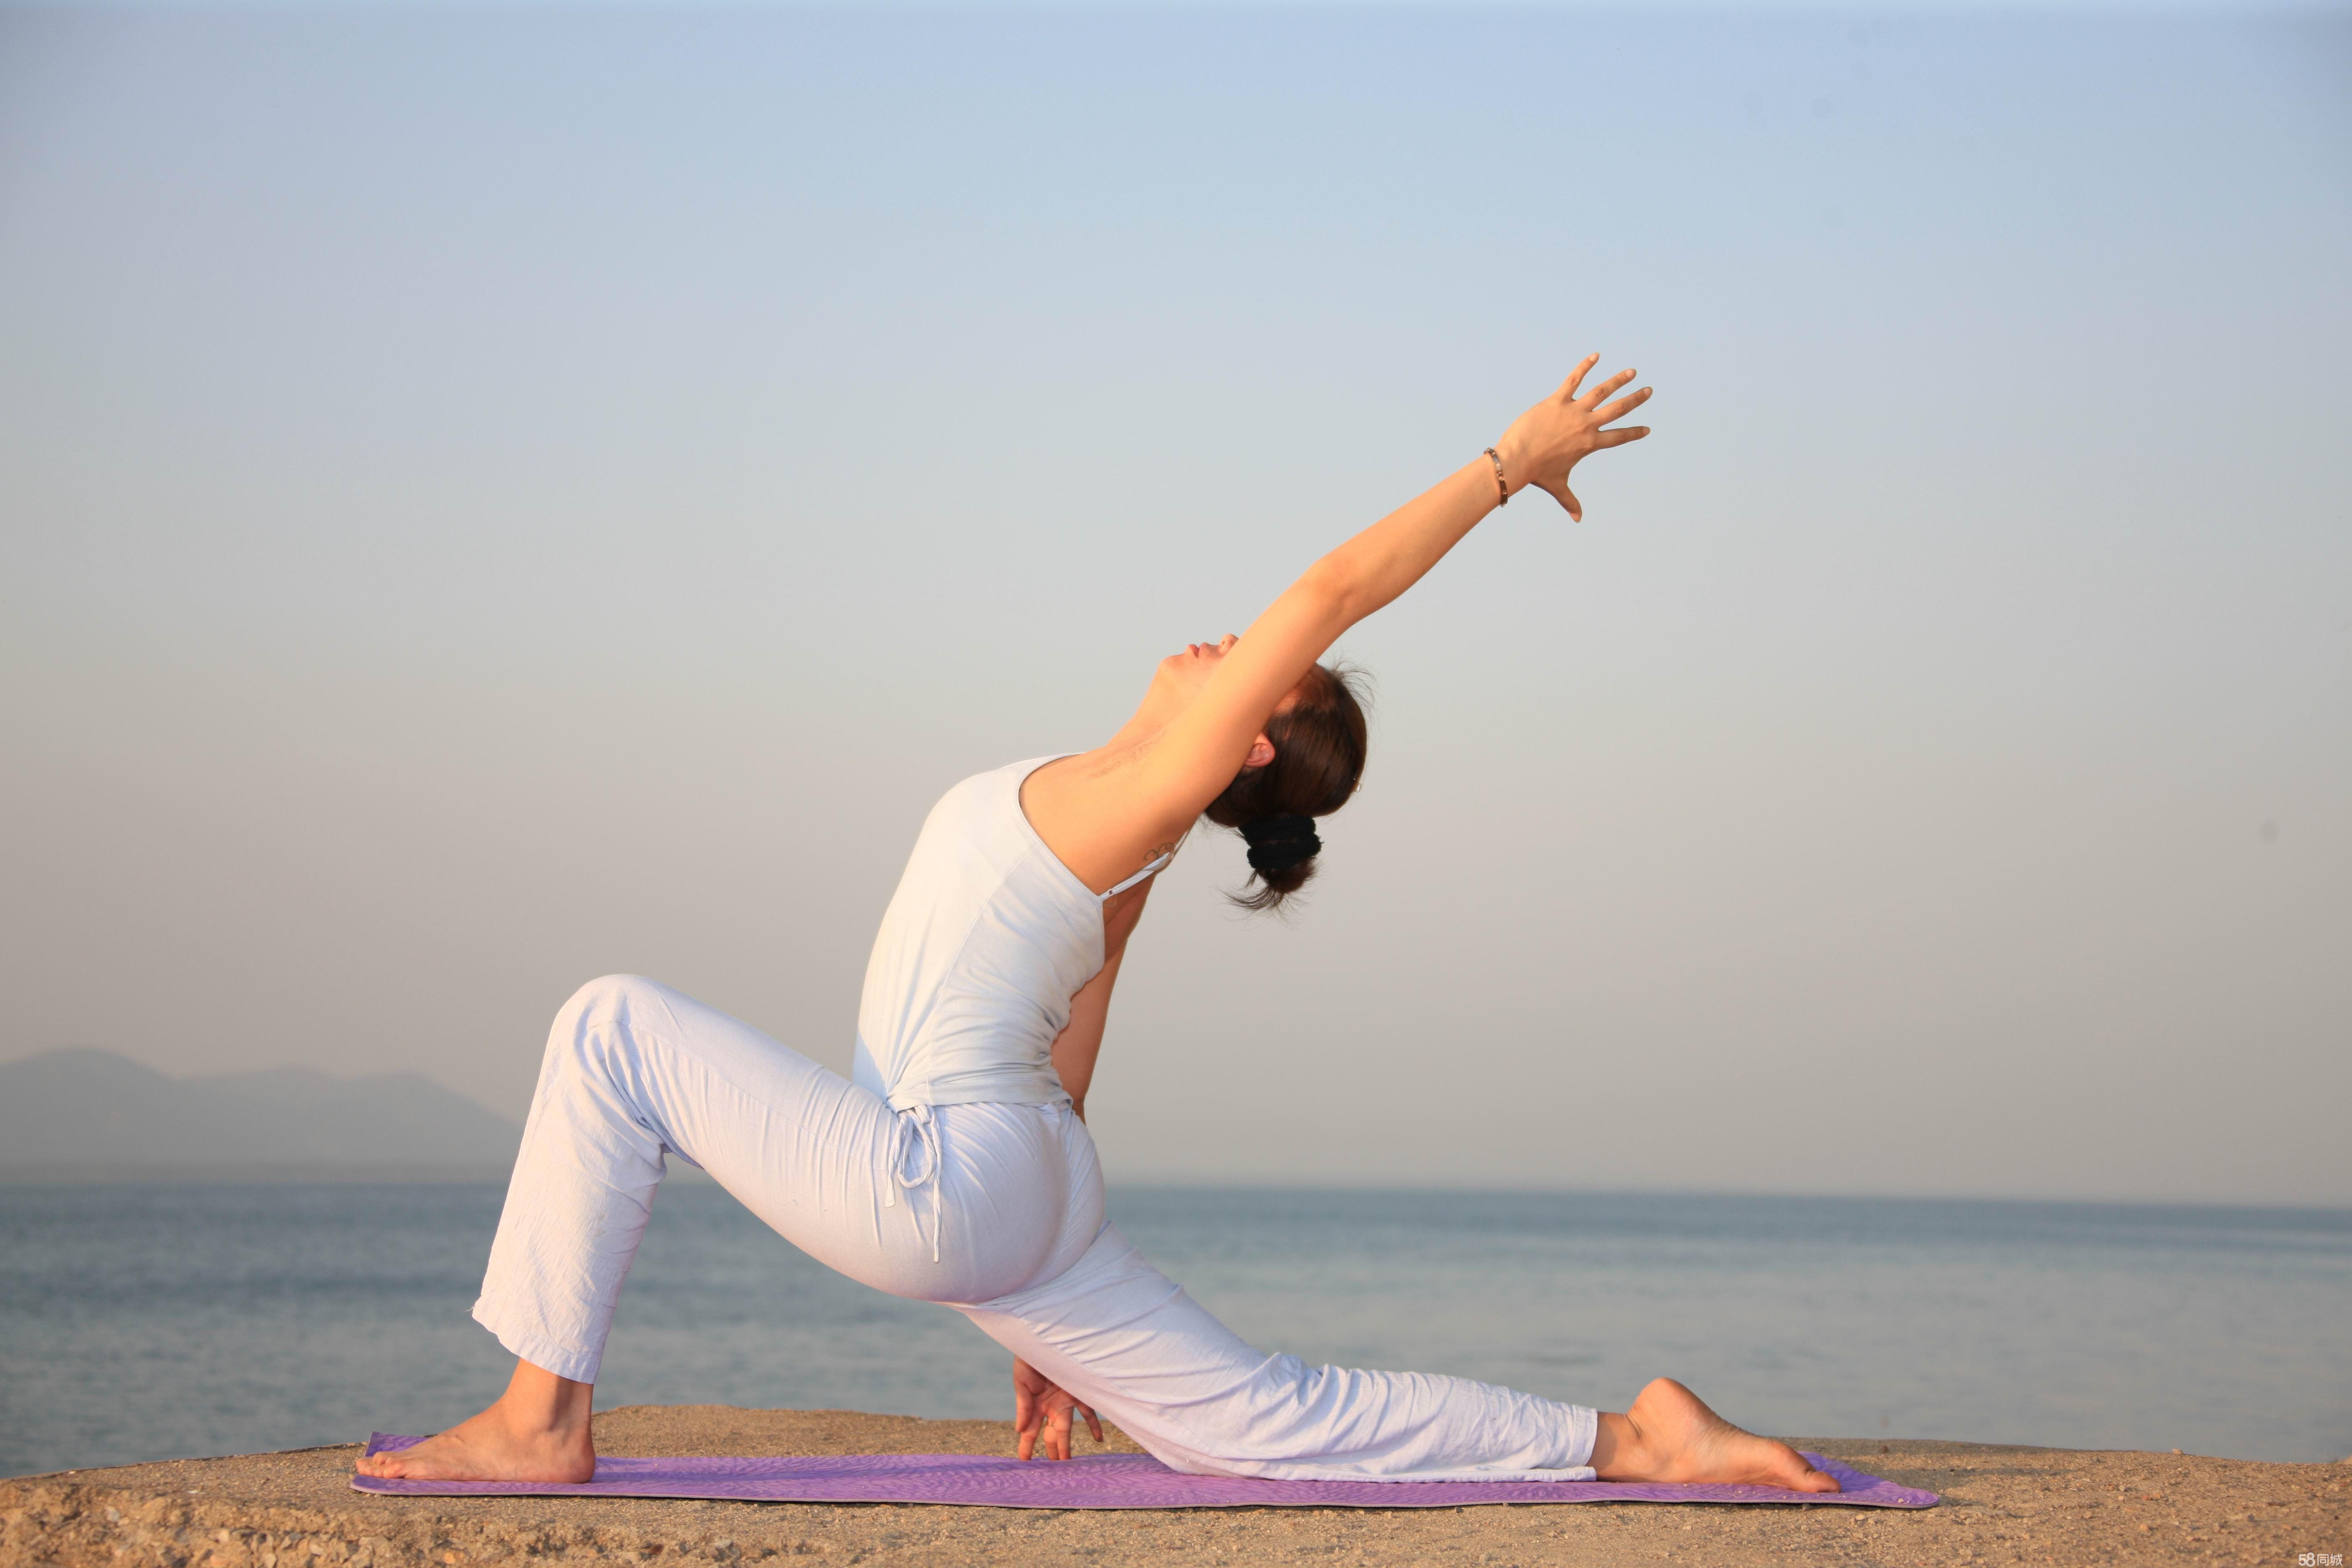 该如何选择一个好的瑜伽教练培训班呢?